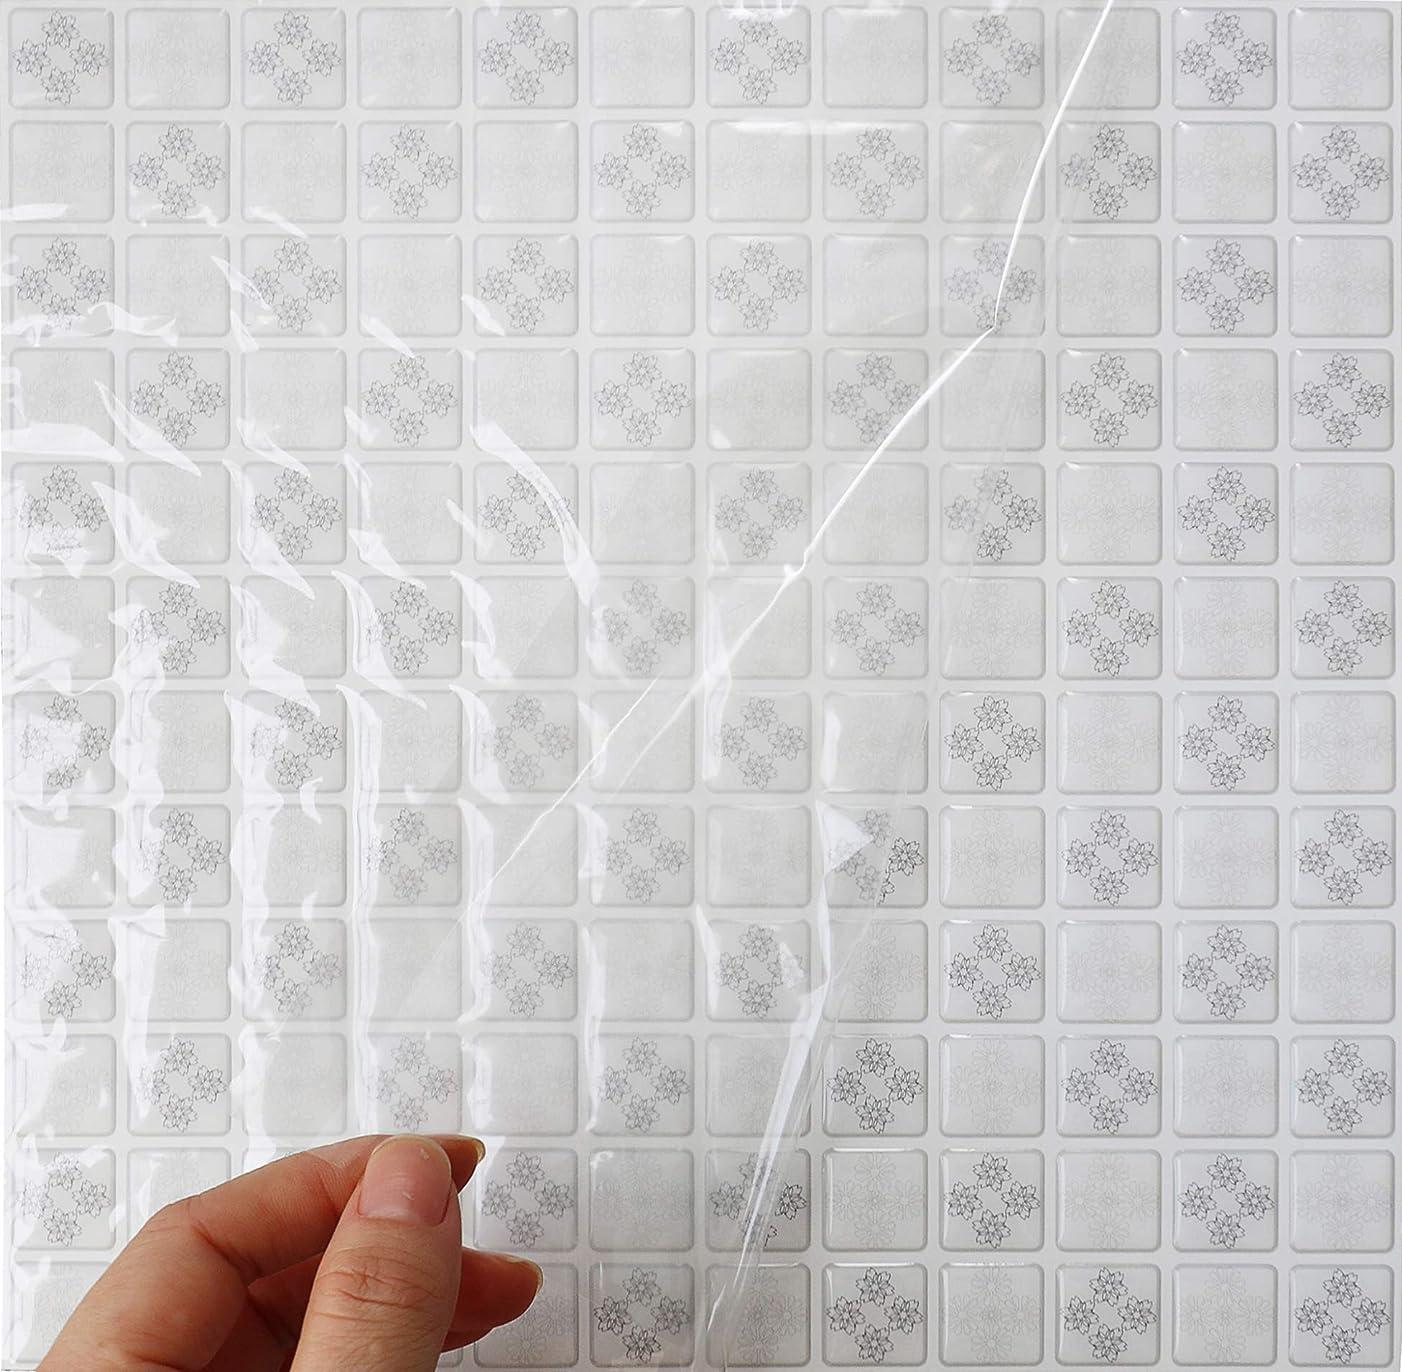 コールドニックネーム興味HyFanStr 4枚セット 3D キッチンタイル シール モザイクタイルシール 洗面所 トイレウォールステッカー 防水 DIY 壁貼りシール (ホワイト)